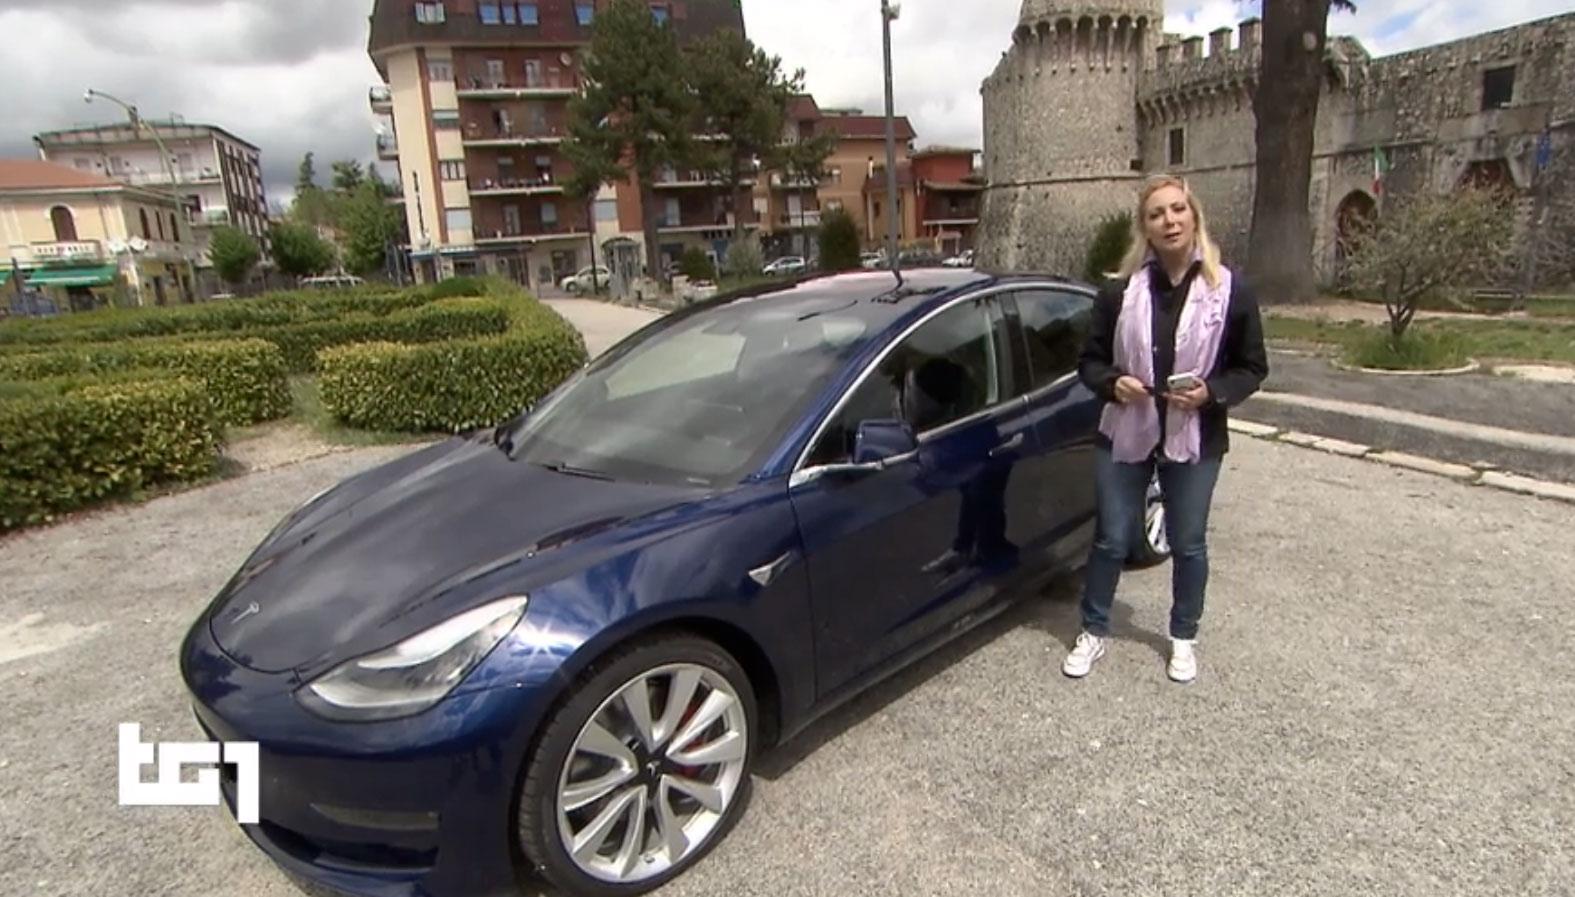 Tg1 Motori sceglie la Marsica per presentare la Tesla MODEL 3, l'auto elettrica più attesa del 2019